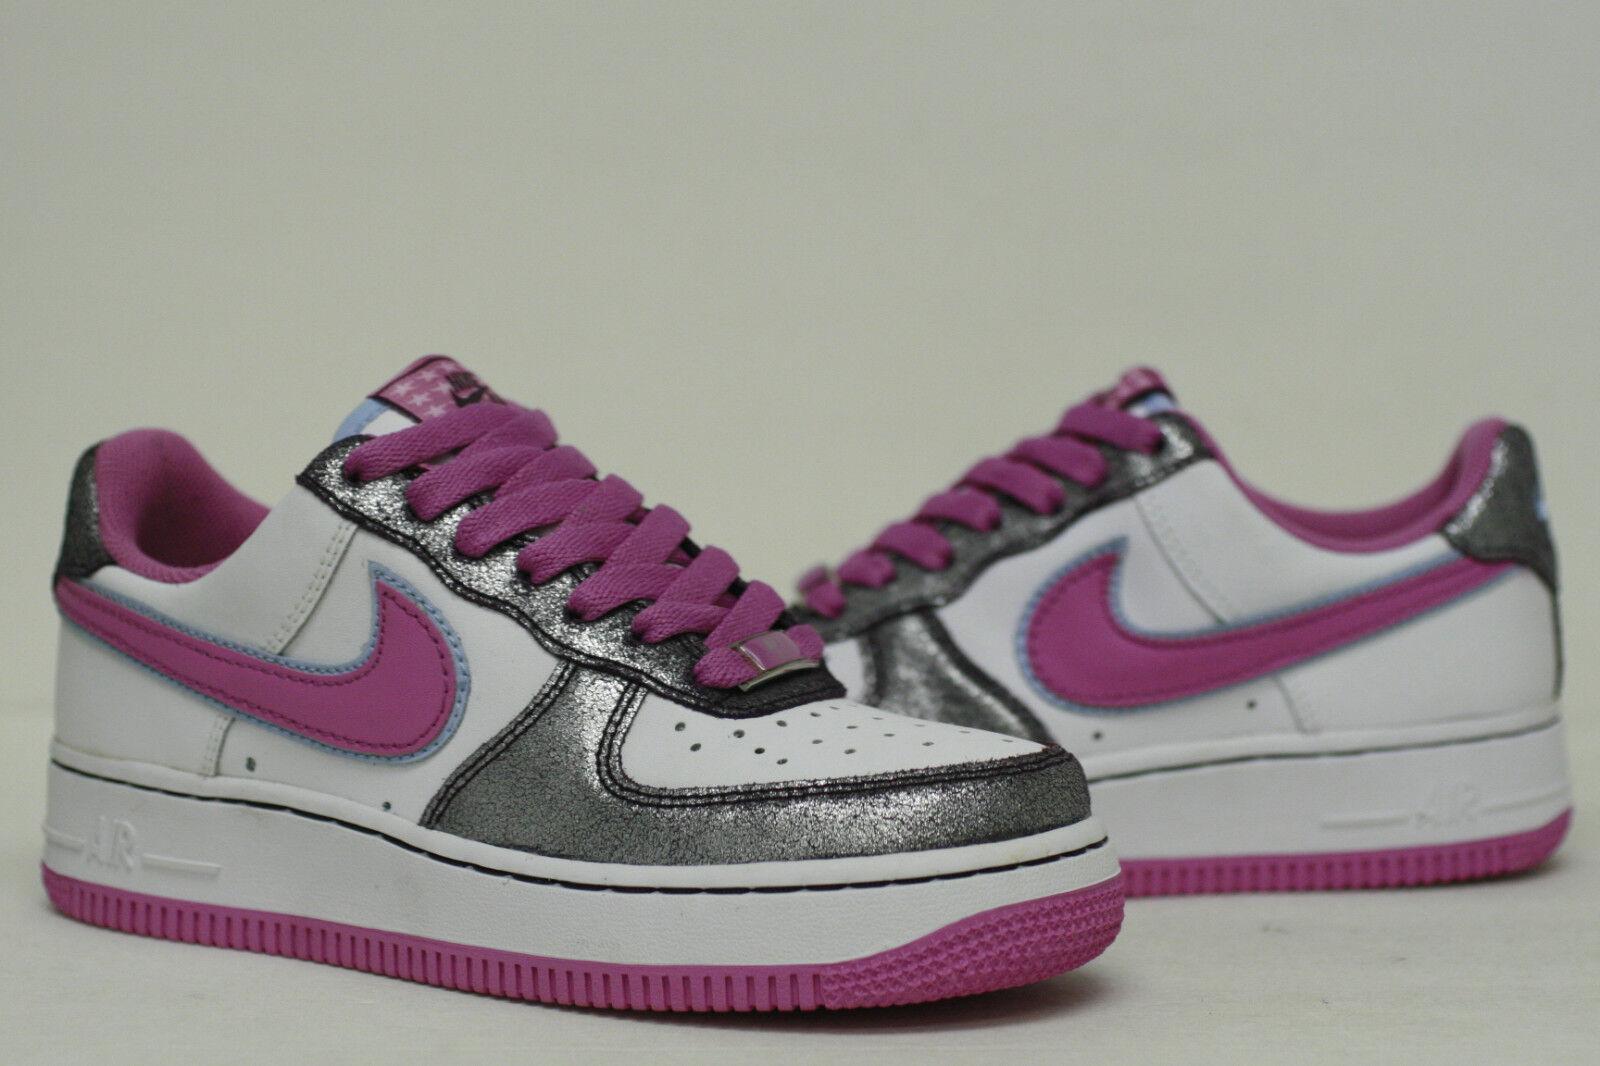 La nike air force 1 atletico / casual scarpe 314219 161 confezioni: - 7